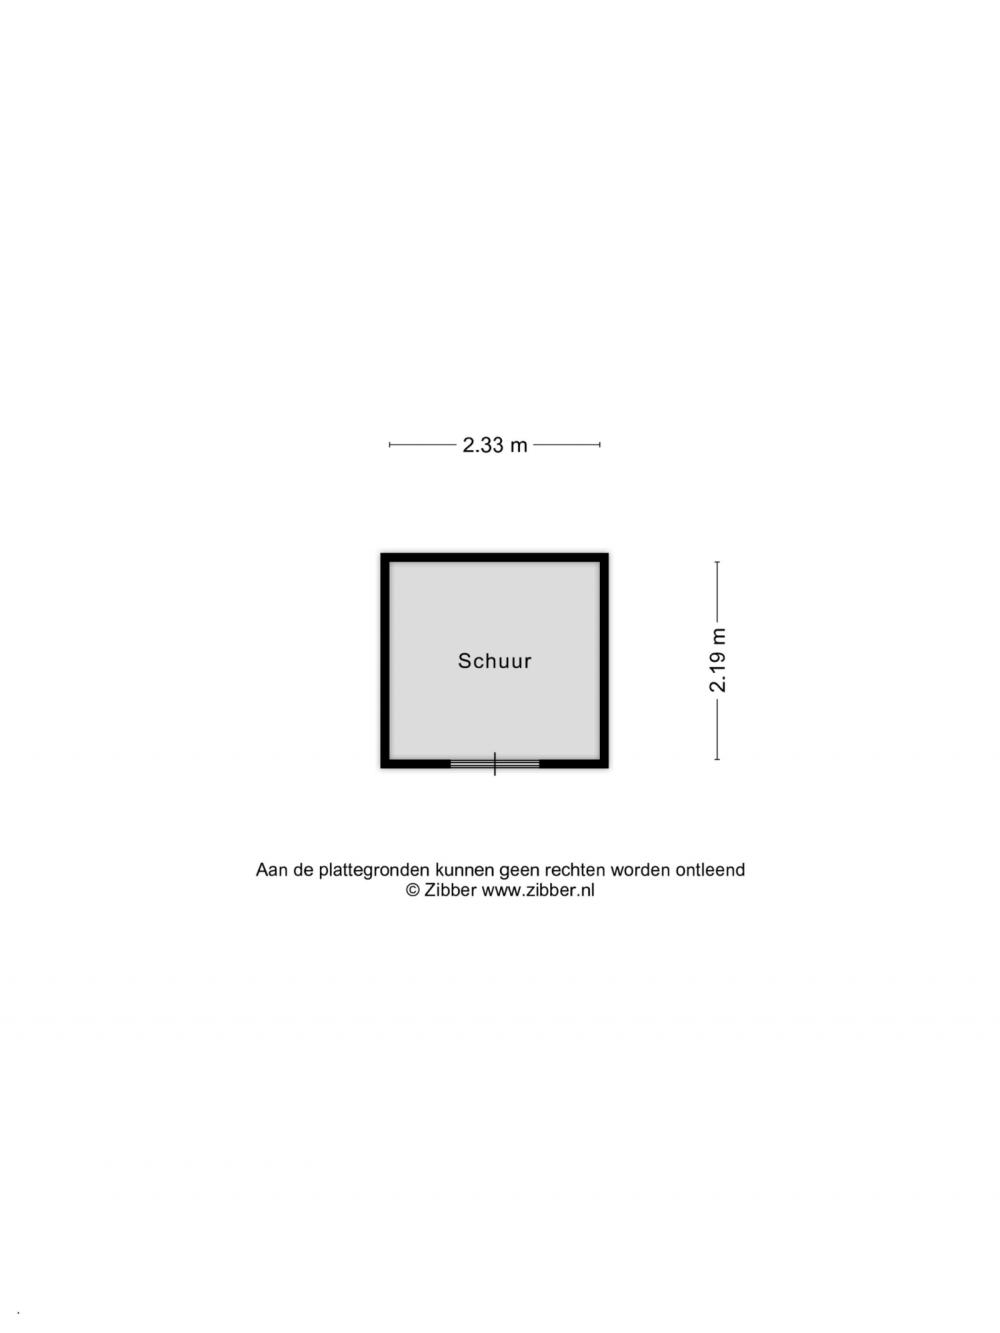 lichtenvoorde-middachtenstraat-38